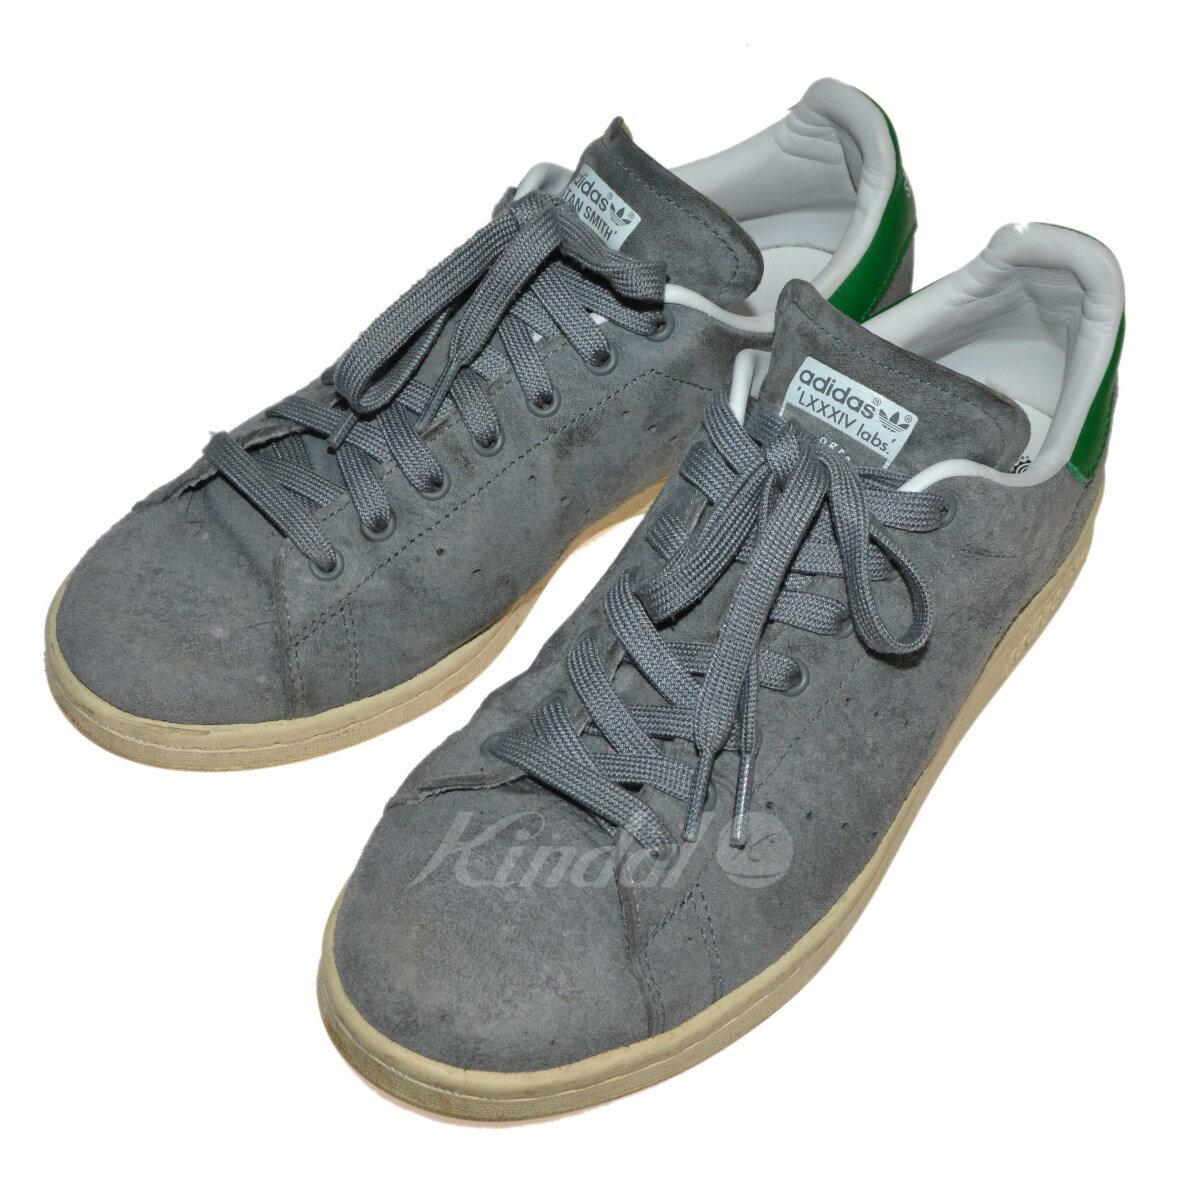 【中古】adidas 「84Lab スタンスミス」スニーカー グレー サイズ:26.5cm 【131217】(アディダス)